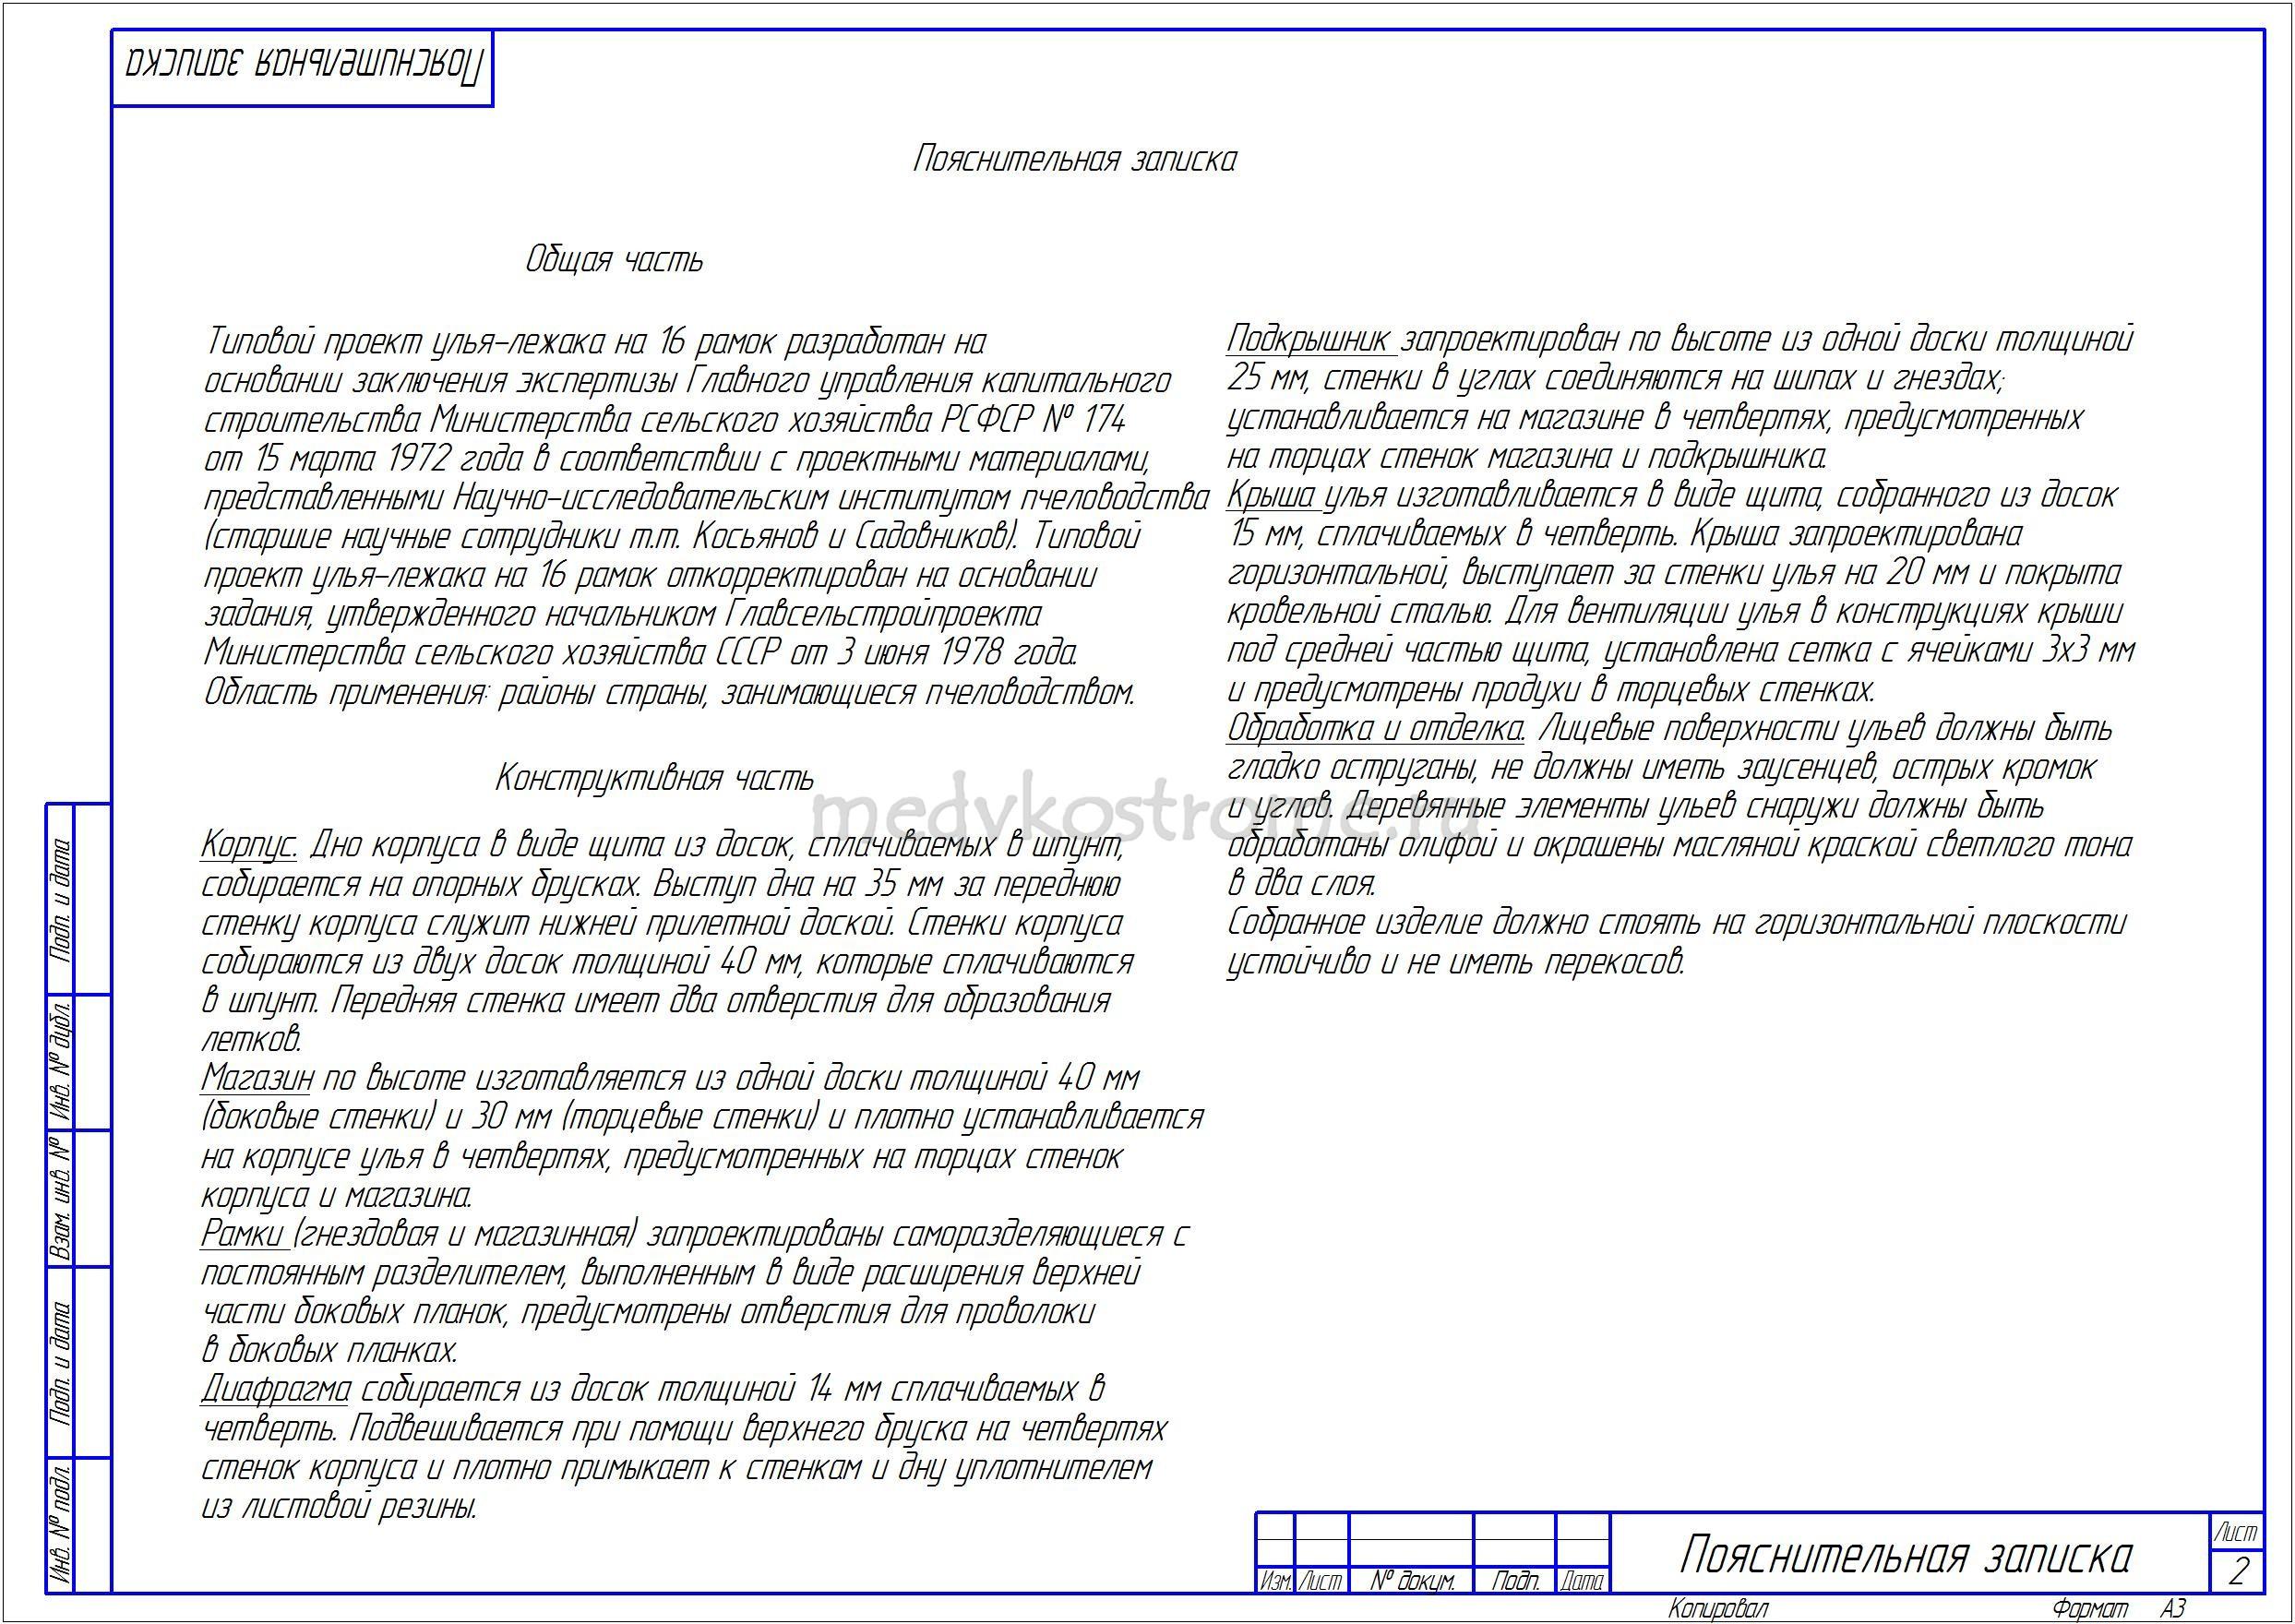 Пояснительная записка к чертежу на улей 16 рамок